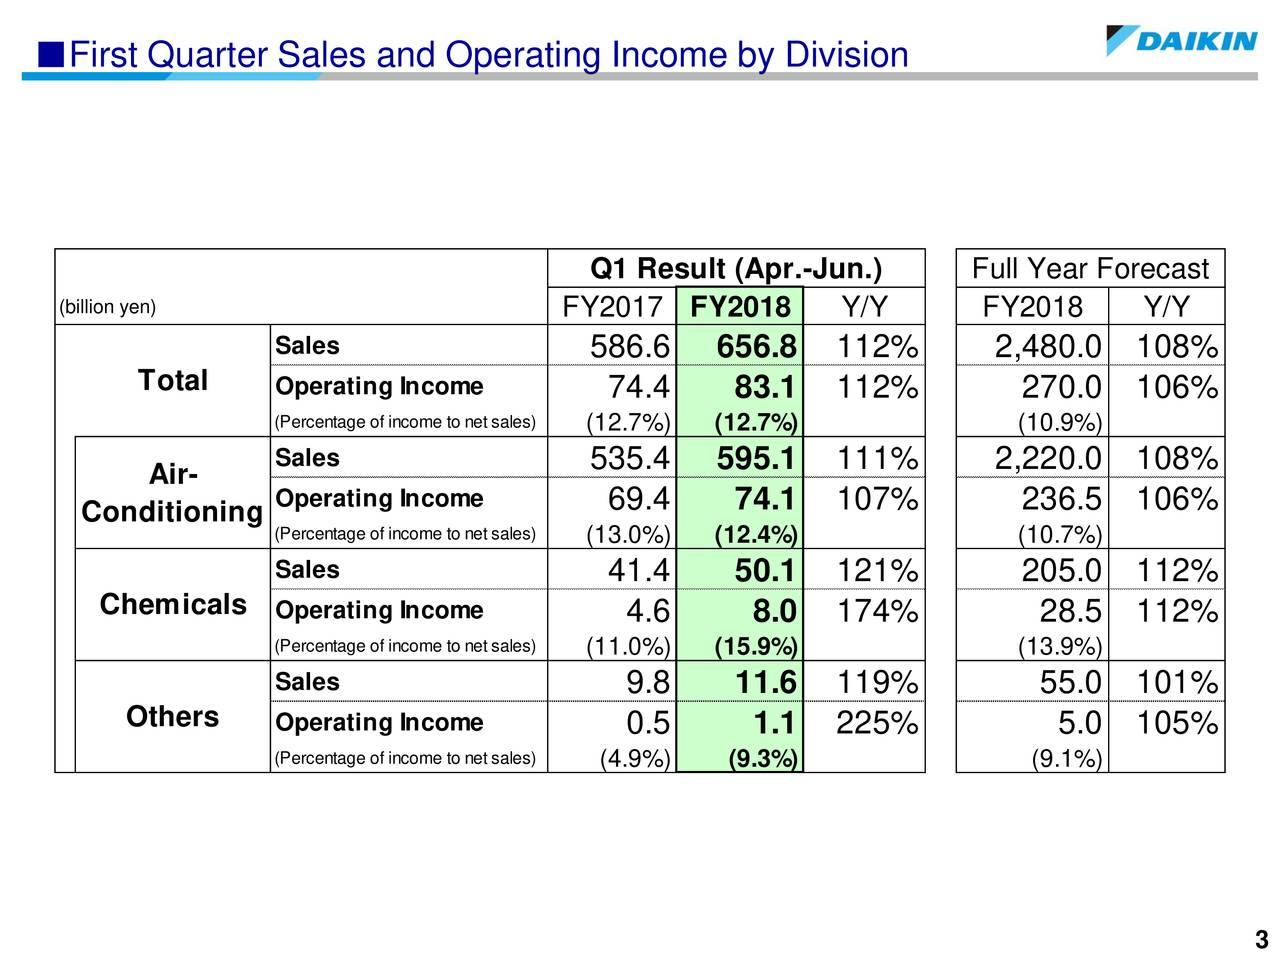 Q1 Result (Apr.-Jun.) Full Year Forecast (billion yen) FY2017 FY2018 Y/Y FY2018 Y/Y Sales 586.6 656.8 112% 2,480.0 108% Total Operating Income 74.4 83.1 112% 270.0 106% (Percentage of income(12.7%) s(12.7%) (10.9%) Sales 535.4 595.1 111% 2,220.0 108% Air- Operating Income Conditioning 69.4 74.1 107% 236.5 106% (Percentage of income(13.0%) s(12.4%) (10.7%) Sales 41.4 50.1 121% 205.0 112% Chemicals Operating Income 4.6 8.0 174% 28.5 112% (Percentage of income(11.0%) s(15.9%) (13.9%) Sales 9.8 11.6 119% 55.0 101% Others Operating Income 0.5 1.1 225% 5.0 105% (Percentage of income (4.9%) sa(9.3%) (9.1%)